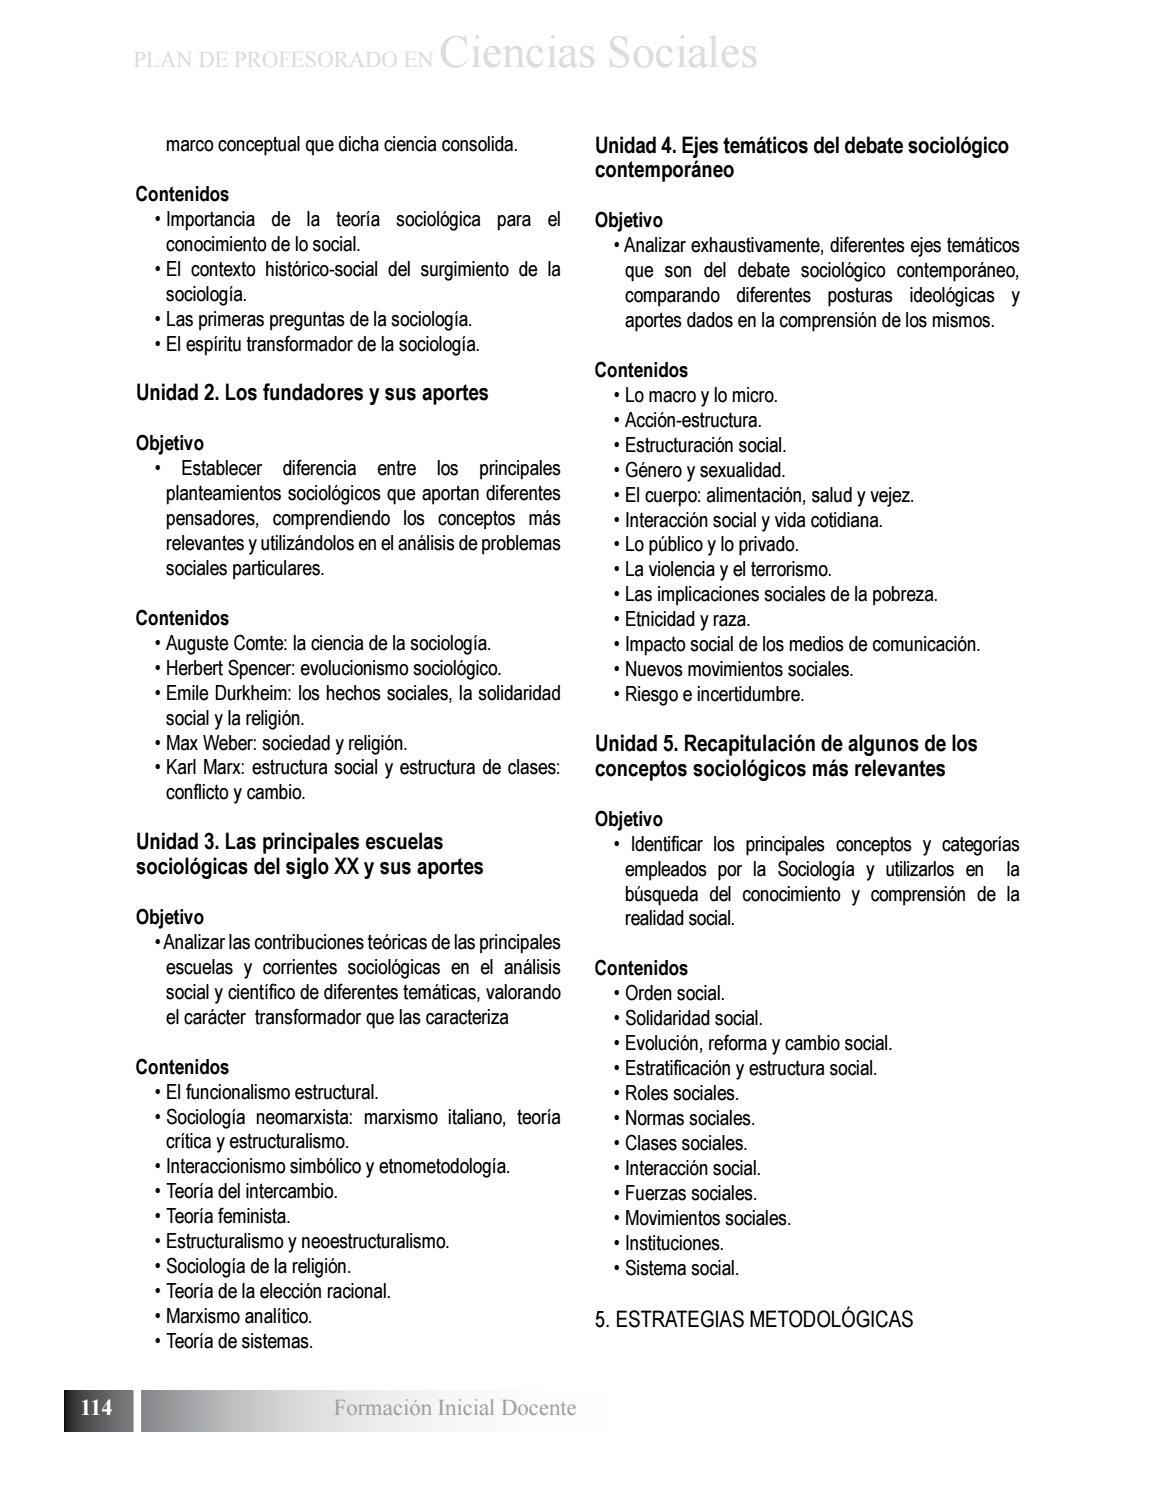 Plan De Estudio De Profesorado En Ciencias Sociales By